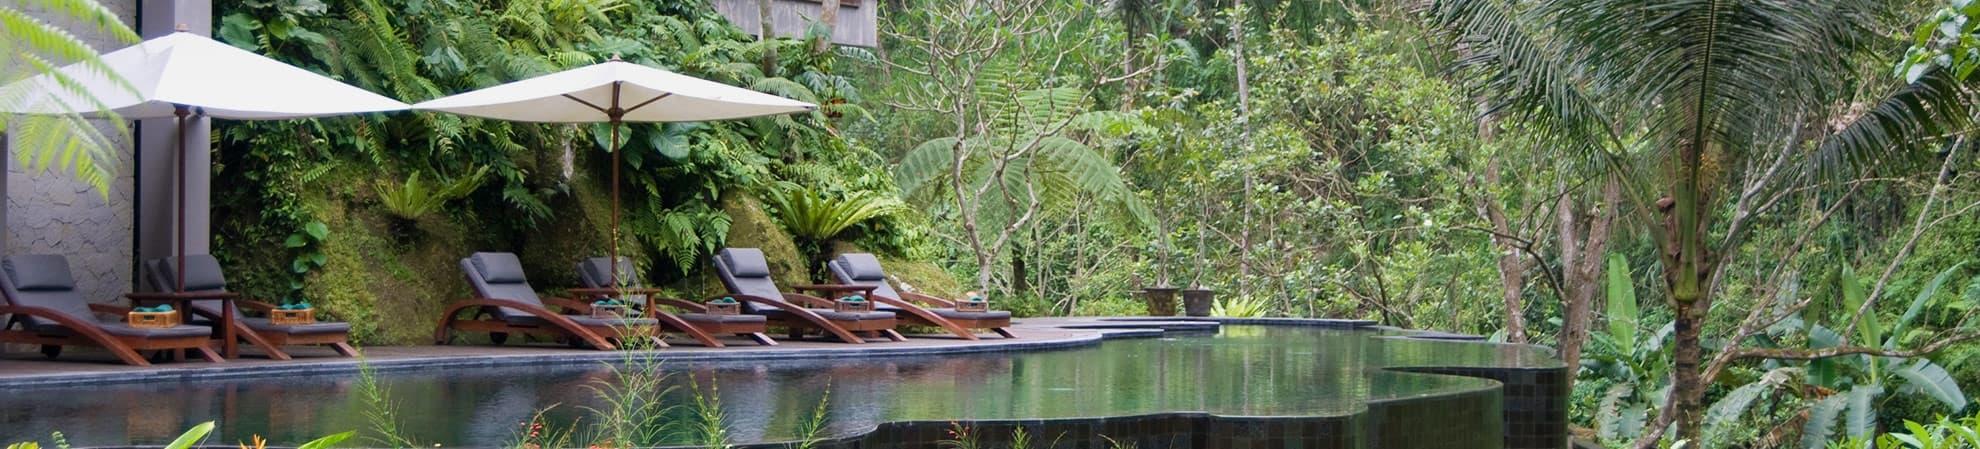 Tous nos voyages à Bali par gamme d'hôtel